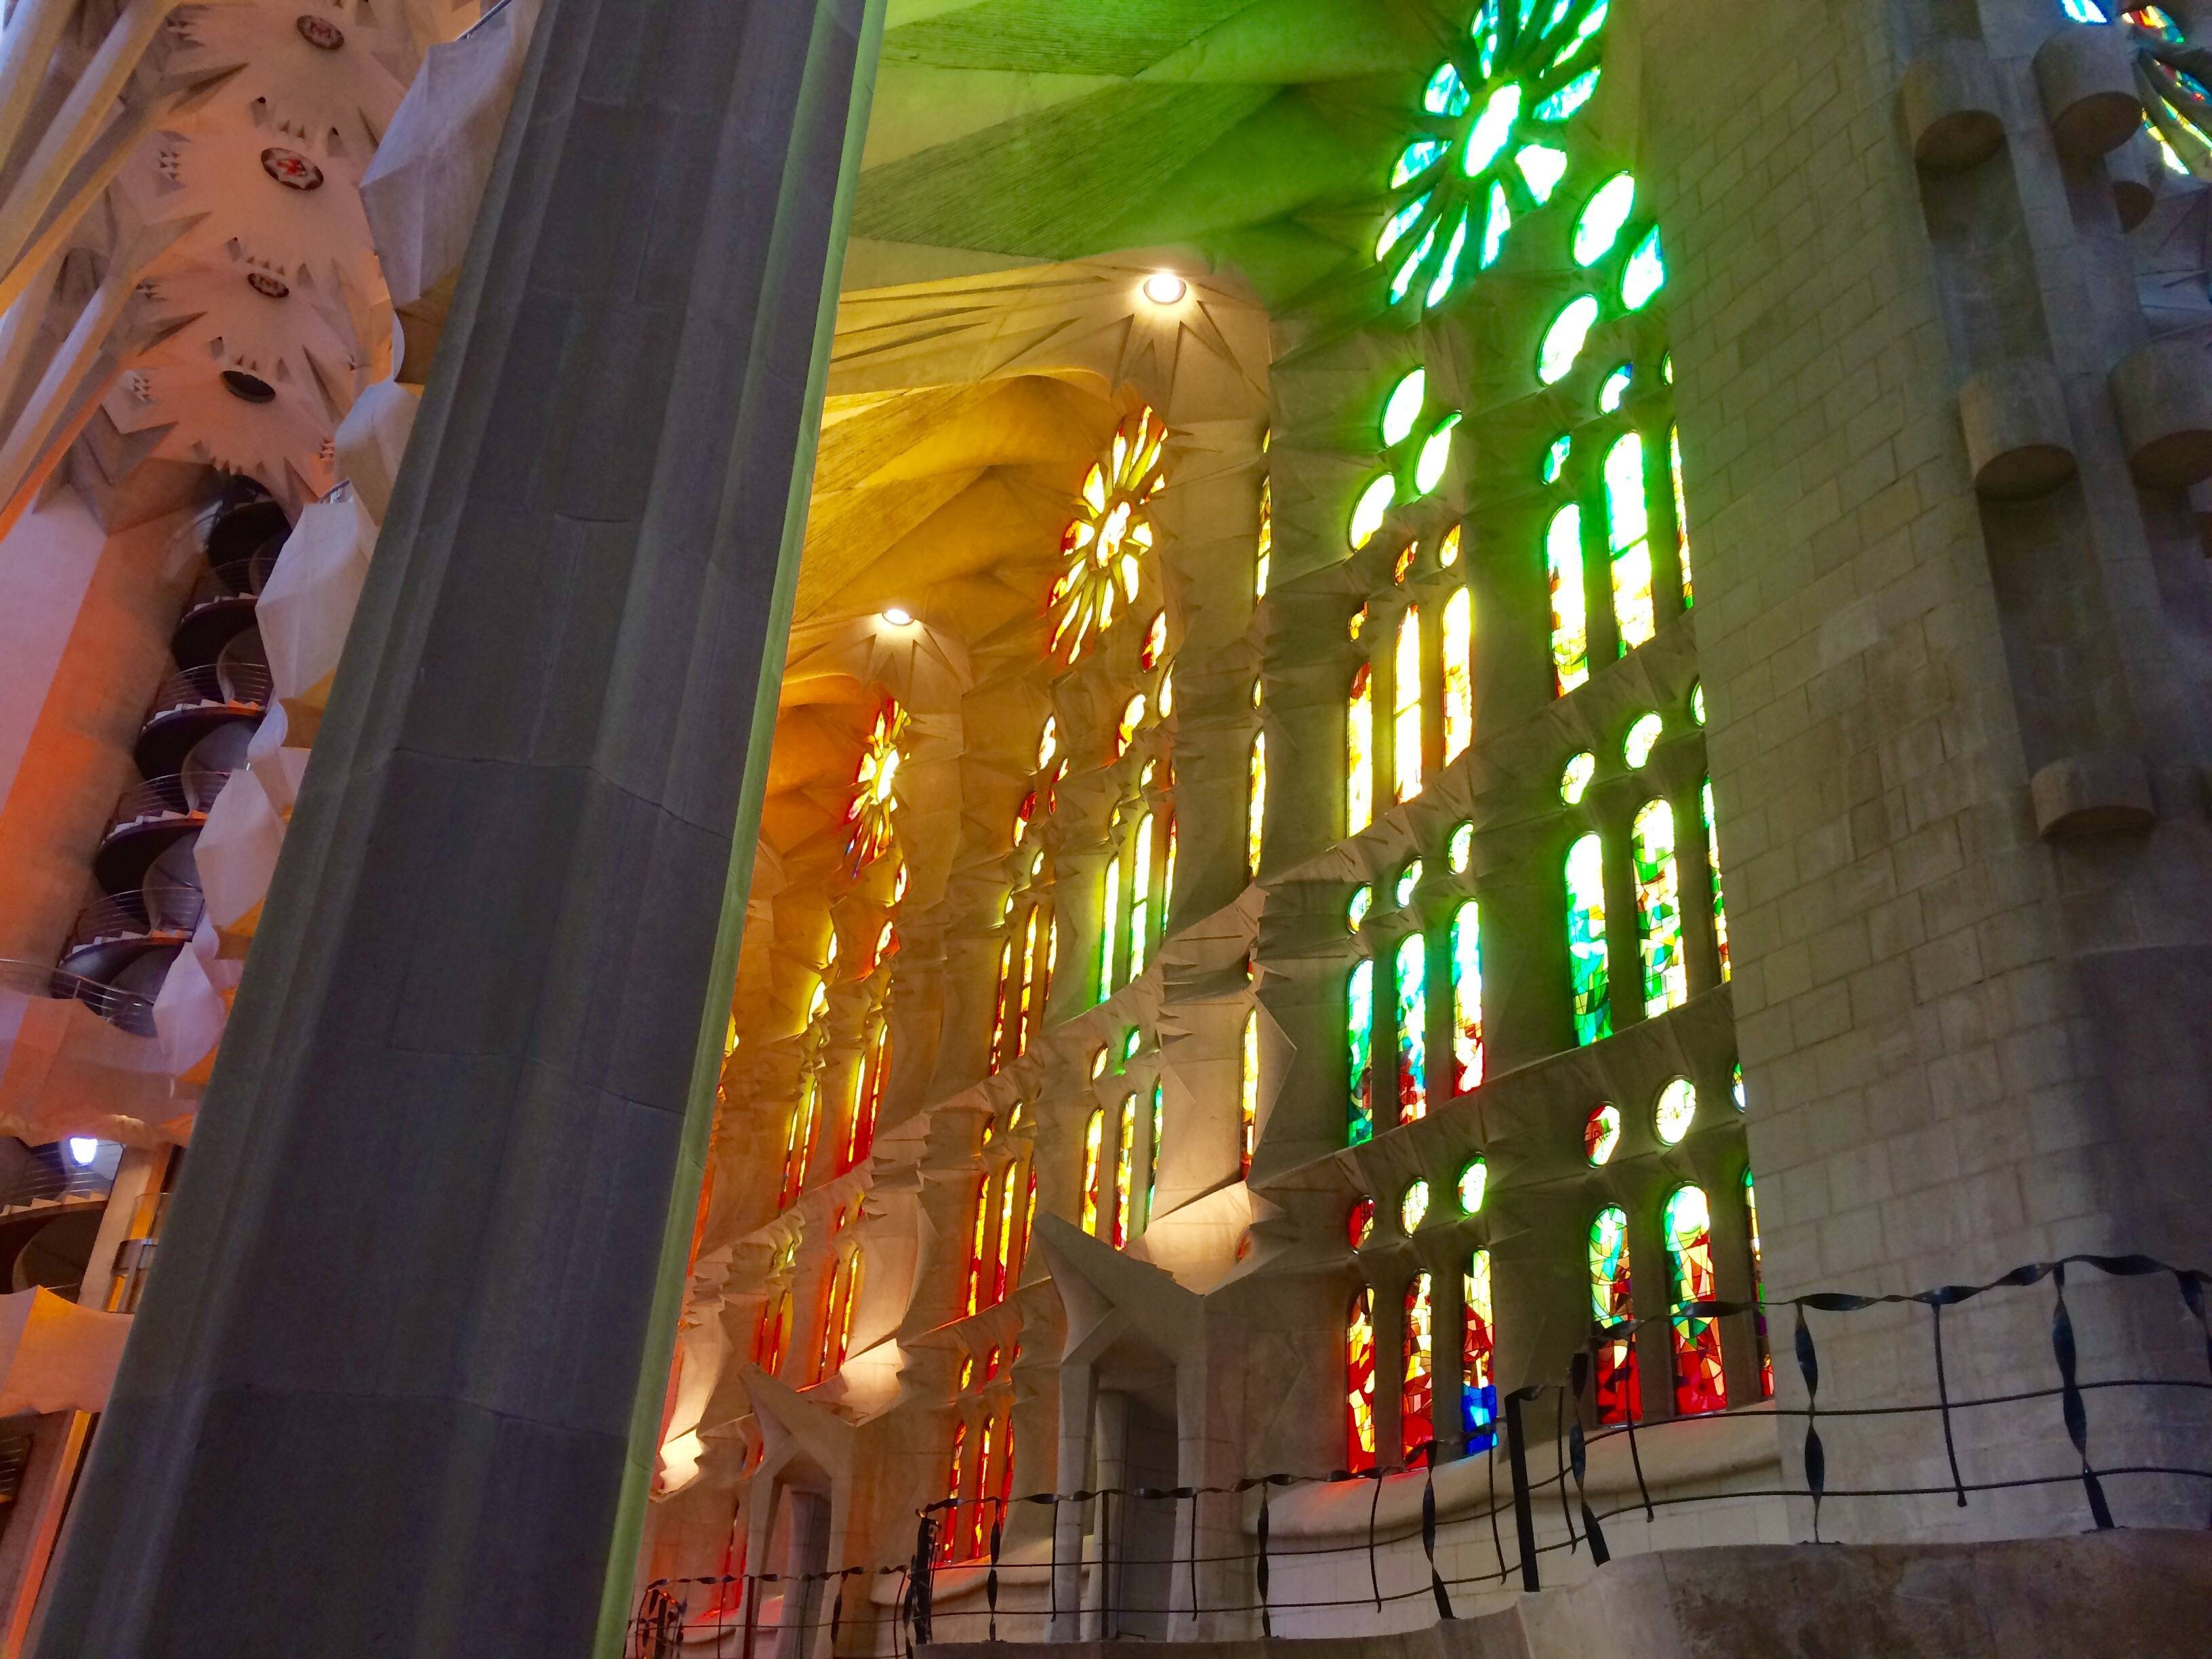 Sagrada familia et gaud une visite guid e sur l 39 univers for Stage architecte interieur